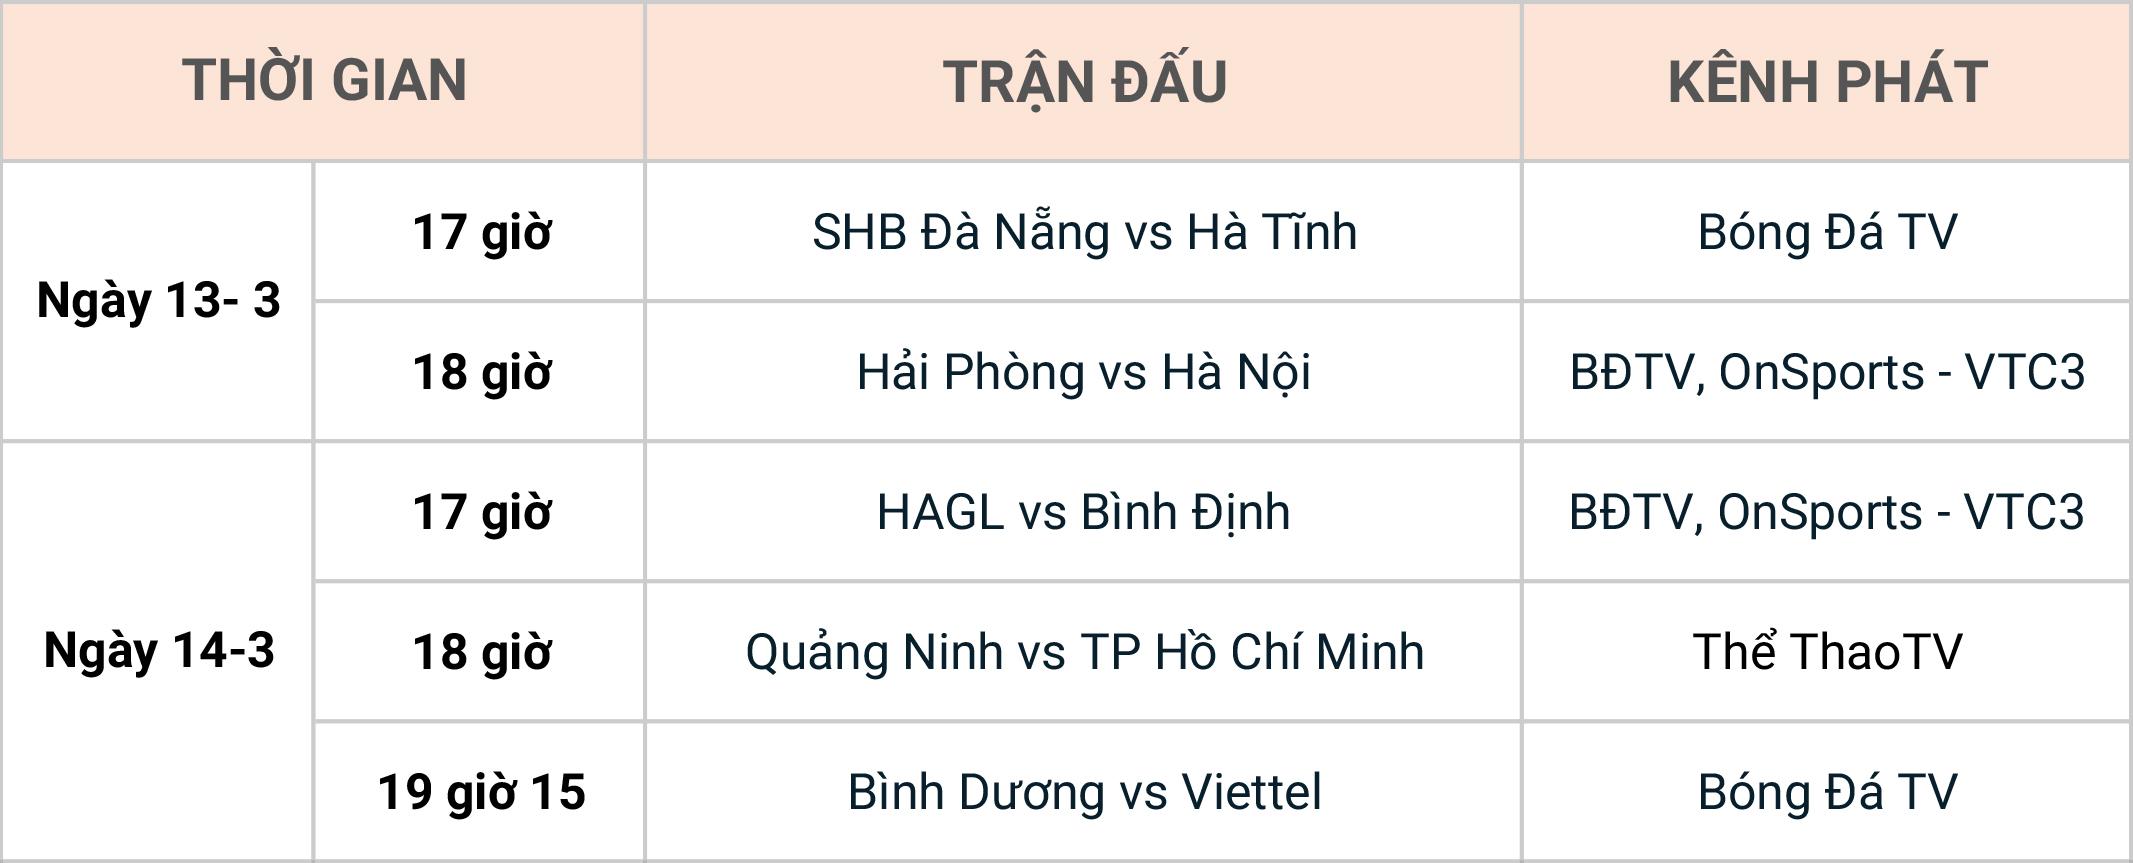 Lịch thi đấu vòng 3 V-League 2021: Bóng đá chính thức trở lại  -0